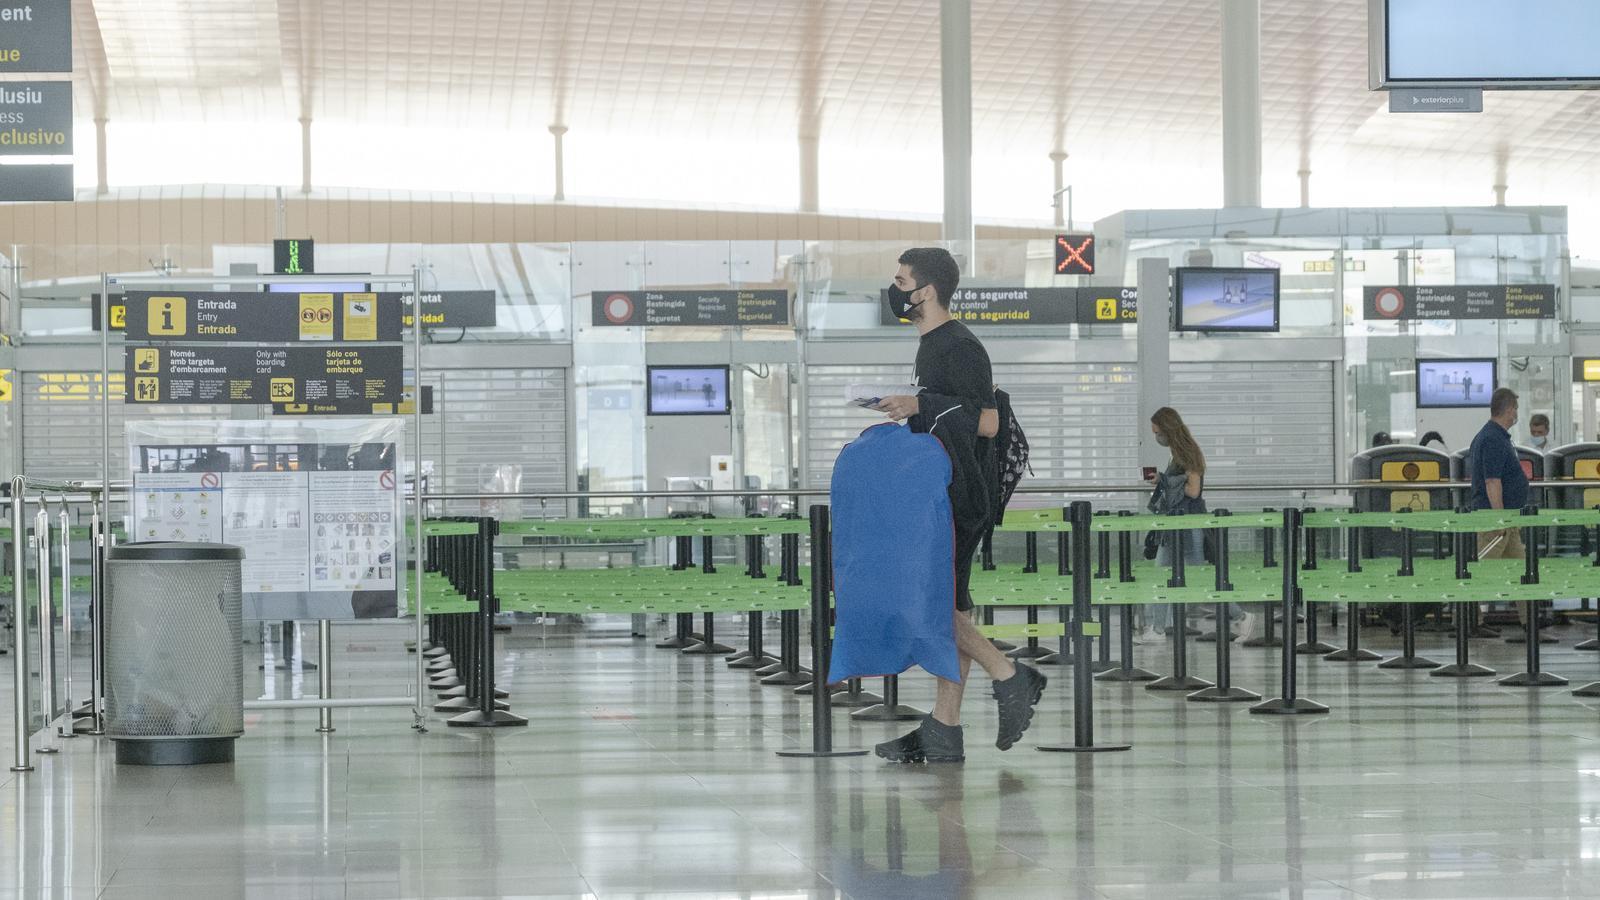 Un passatger amb mascareta a l'aeroport del Prat, a Barcelona